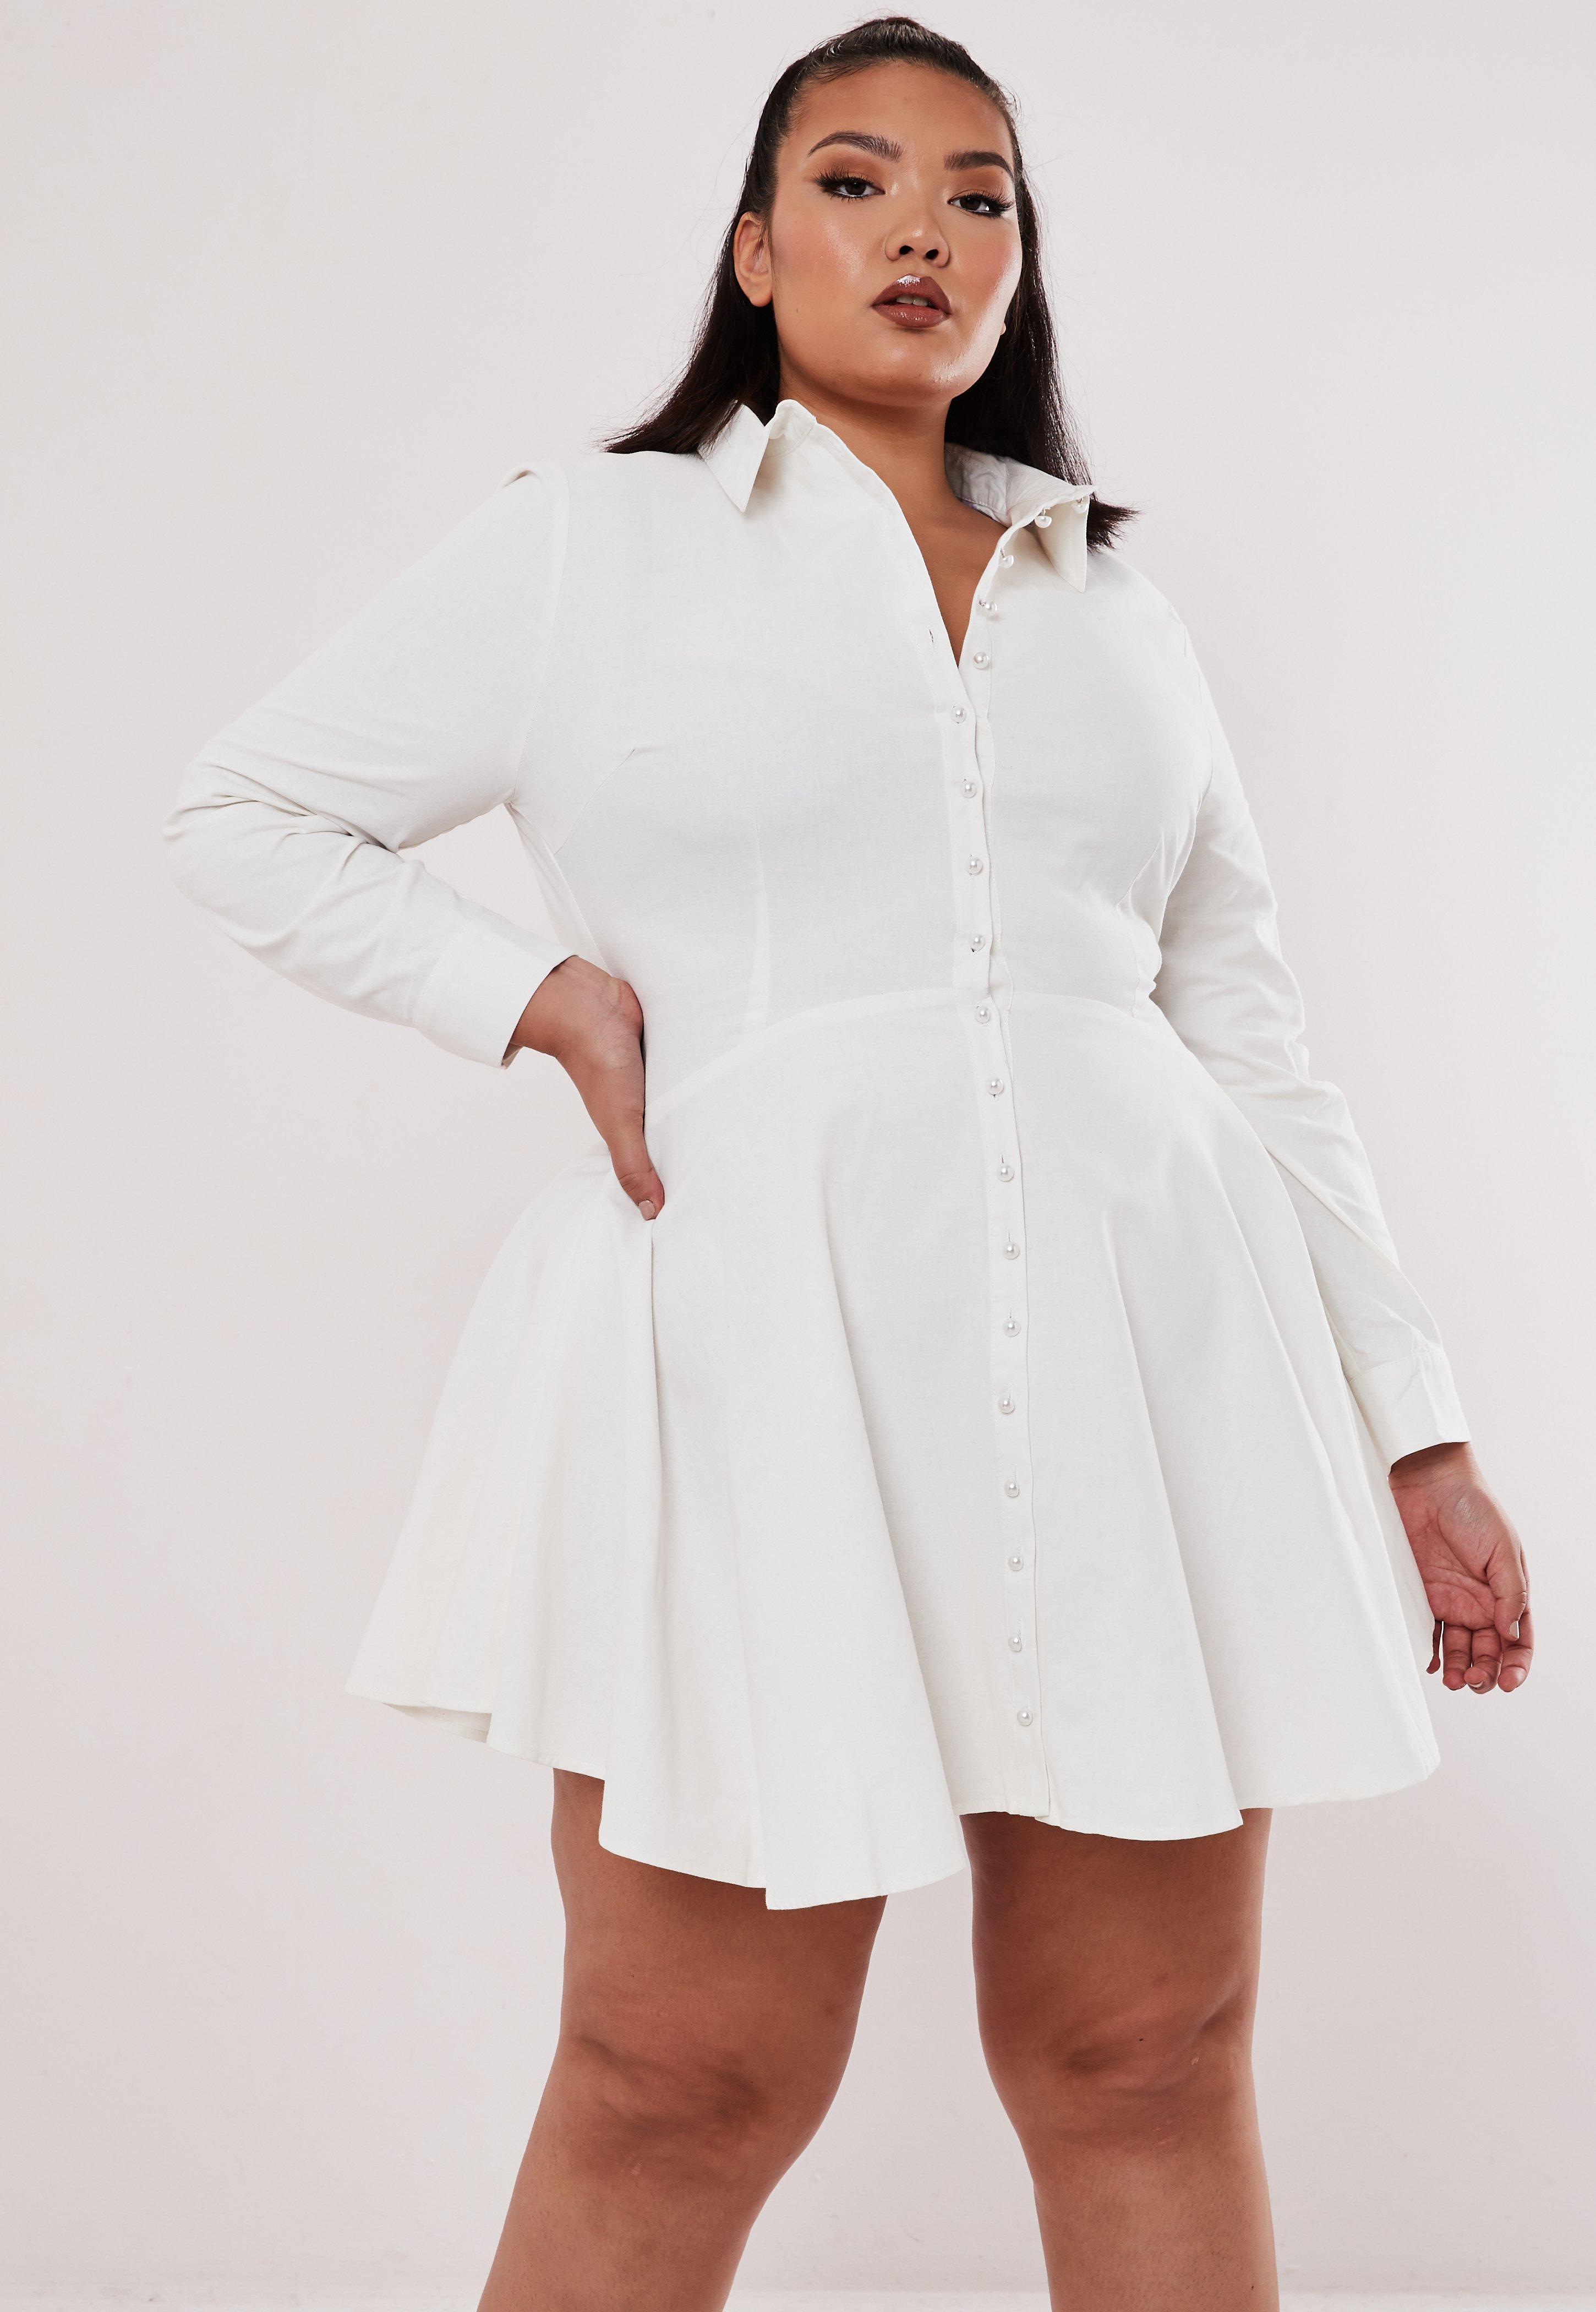 plus size white button down shirt dress